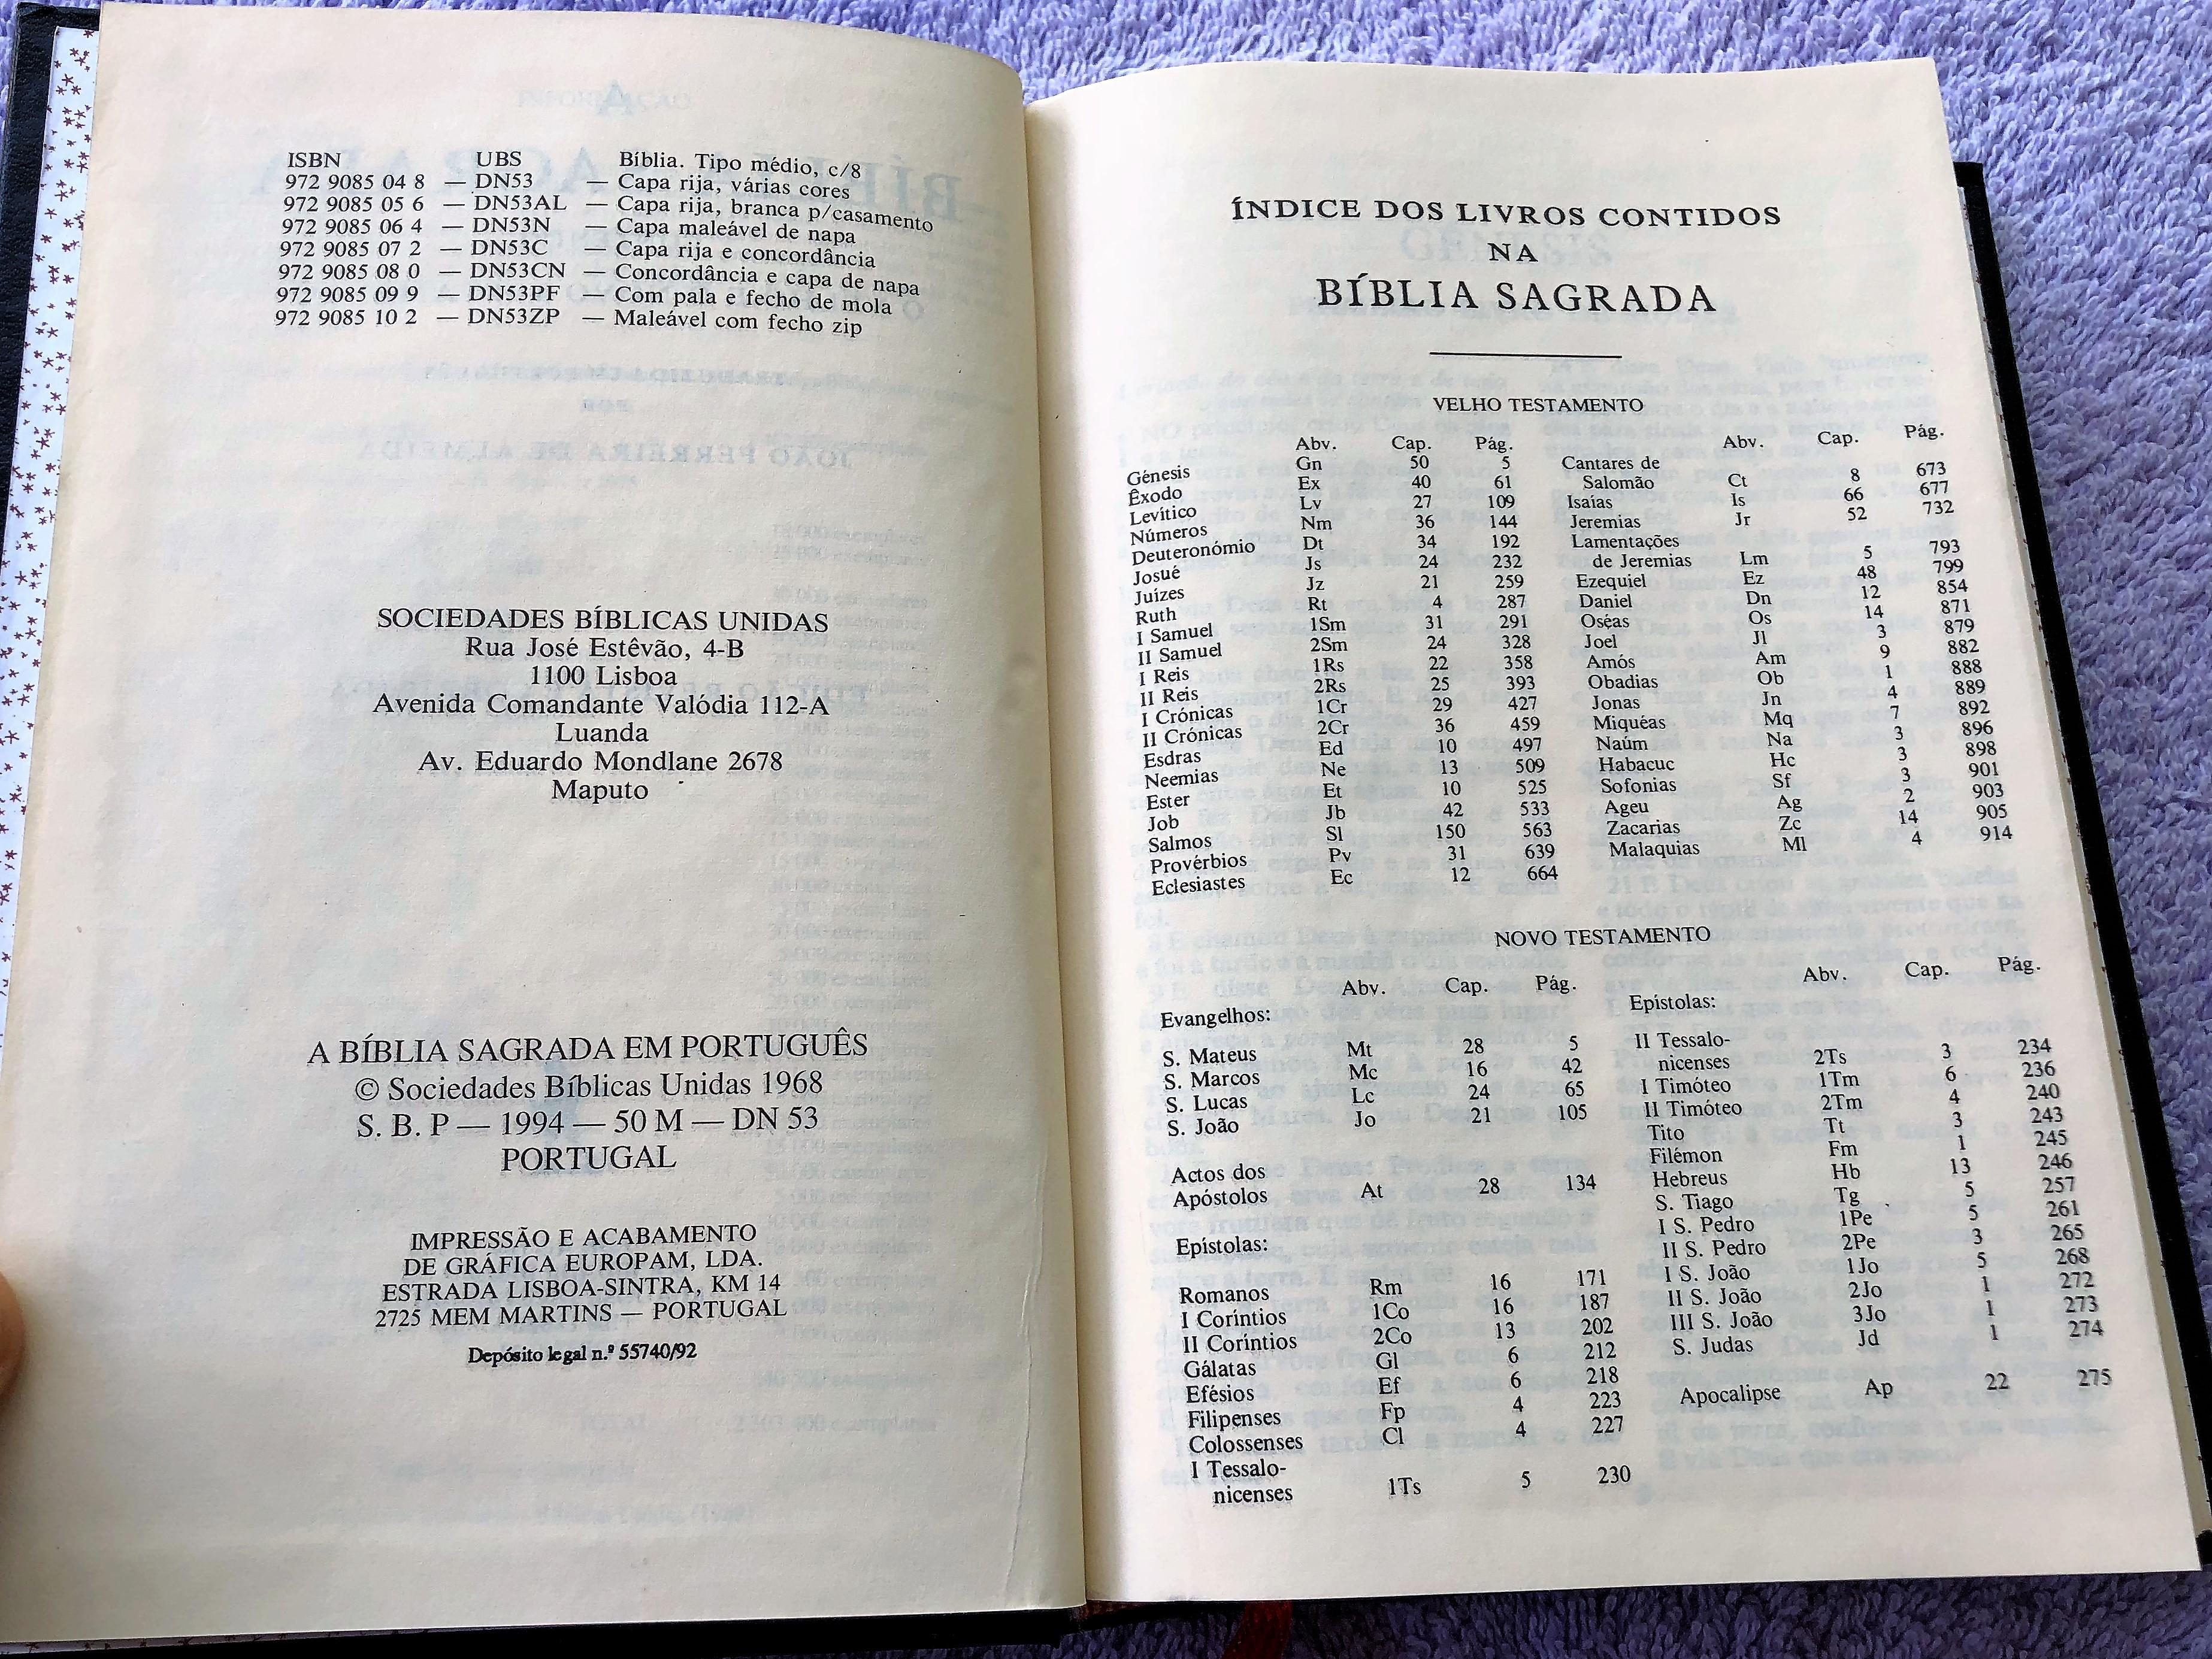 european-portuguese-bible-a-biblia-sagrada-7-.jpg